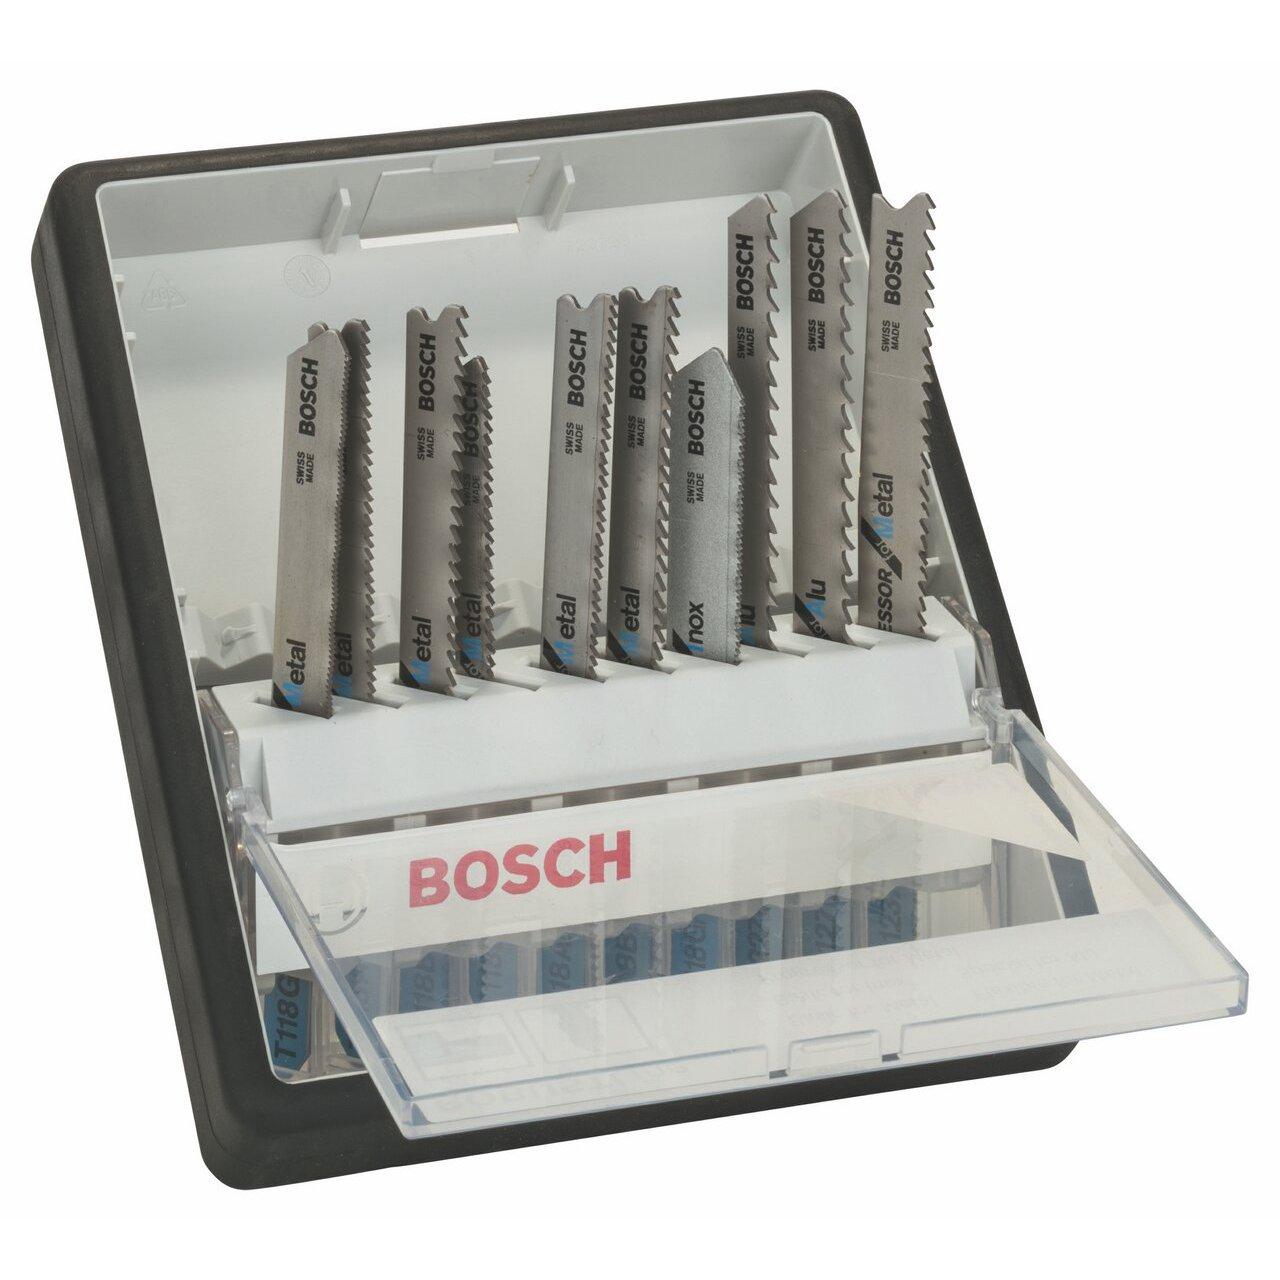 Bosch 2 607 010 541 - Juego de 10 hojas de sierra de calar Robust Line Metal Expert, vástago en T - - (pack de 1; 1; 1; 1; 1; 1; 1; 1; 1; 1) vástago en T - - (pack de 1; 1; 1; 1; 1; 1; 1; 1; 1; 1) 2607010541